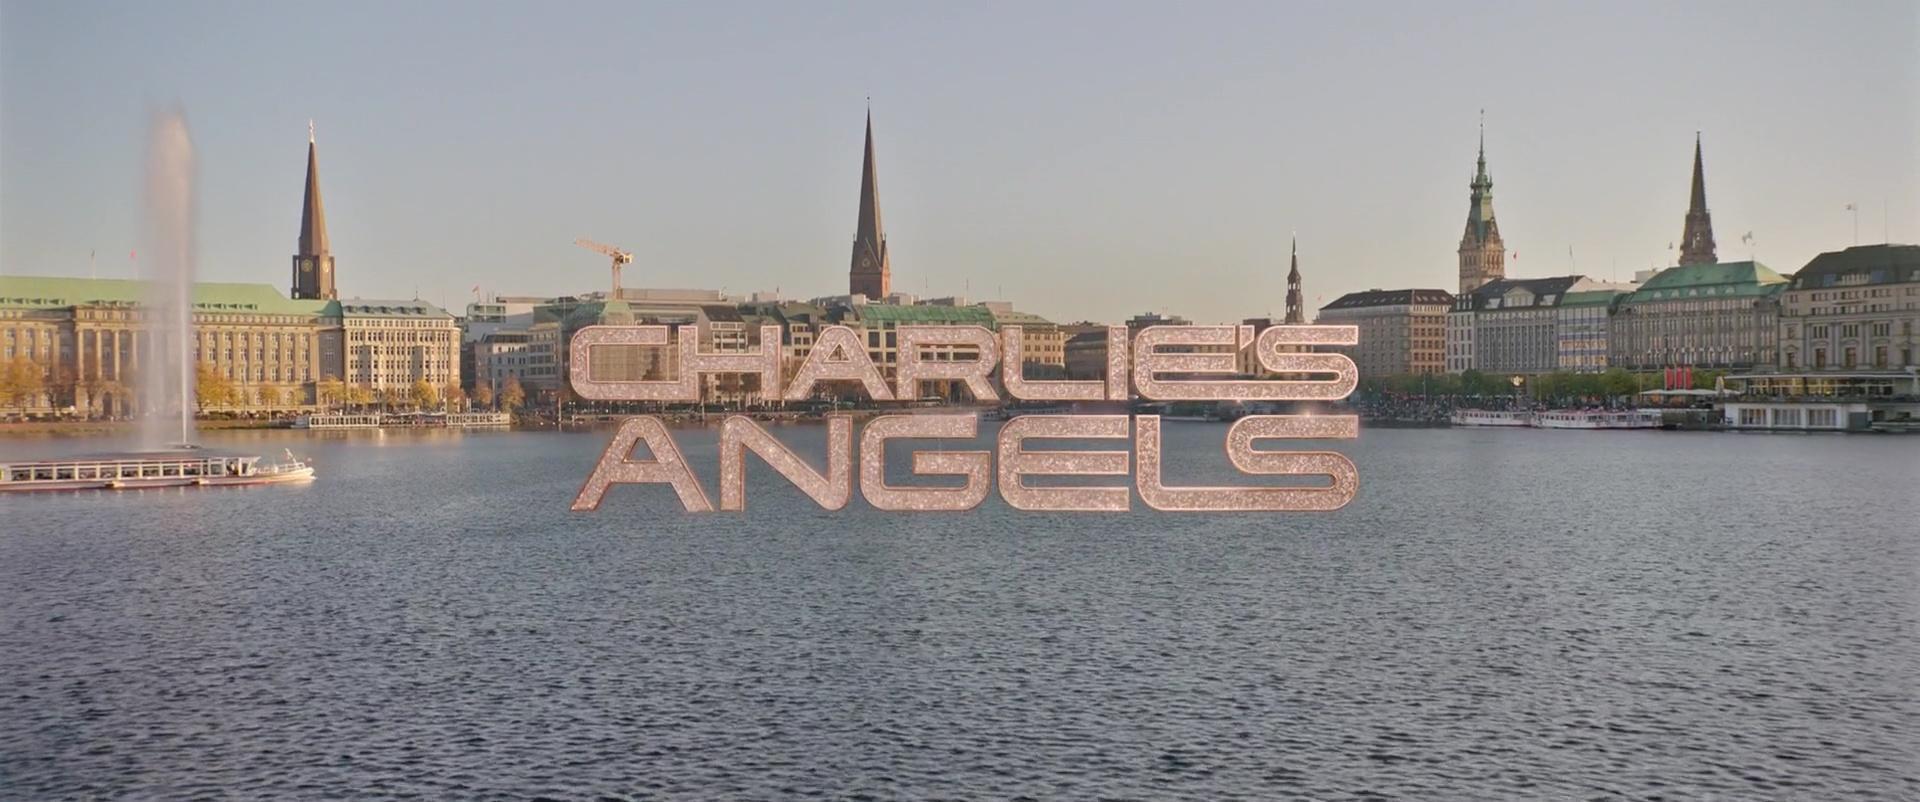 CHARLIE'S ANGELS de Elizabeth Banks (2019)